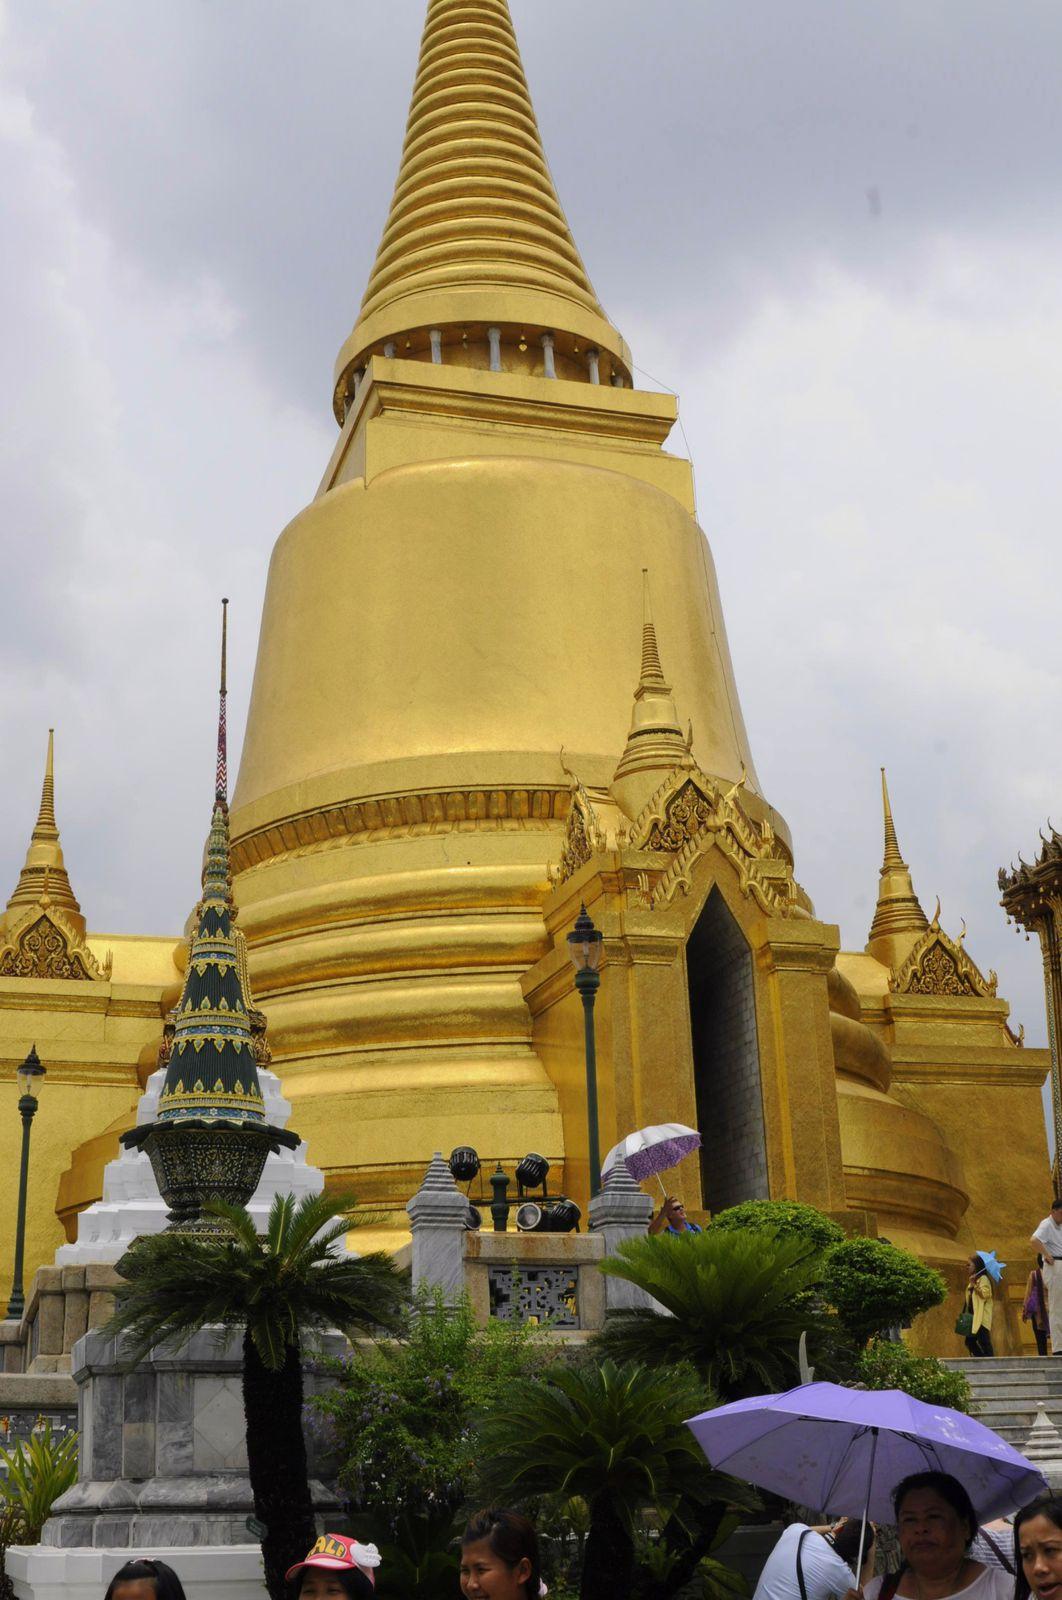 PETIT APERÇU DE LA THAILANDE partie 3 (point final)